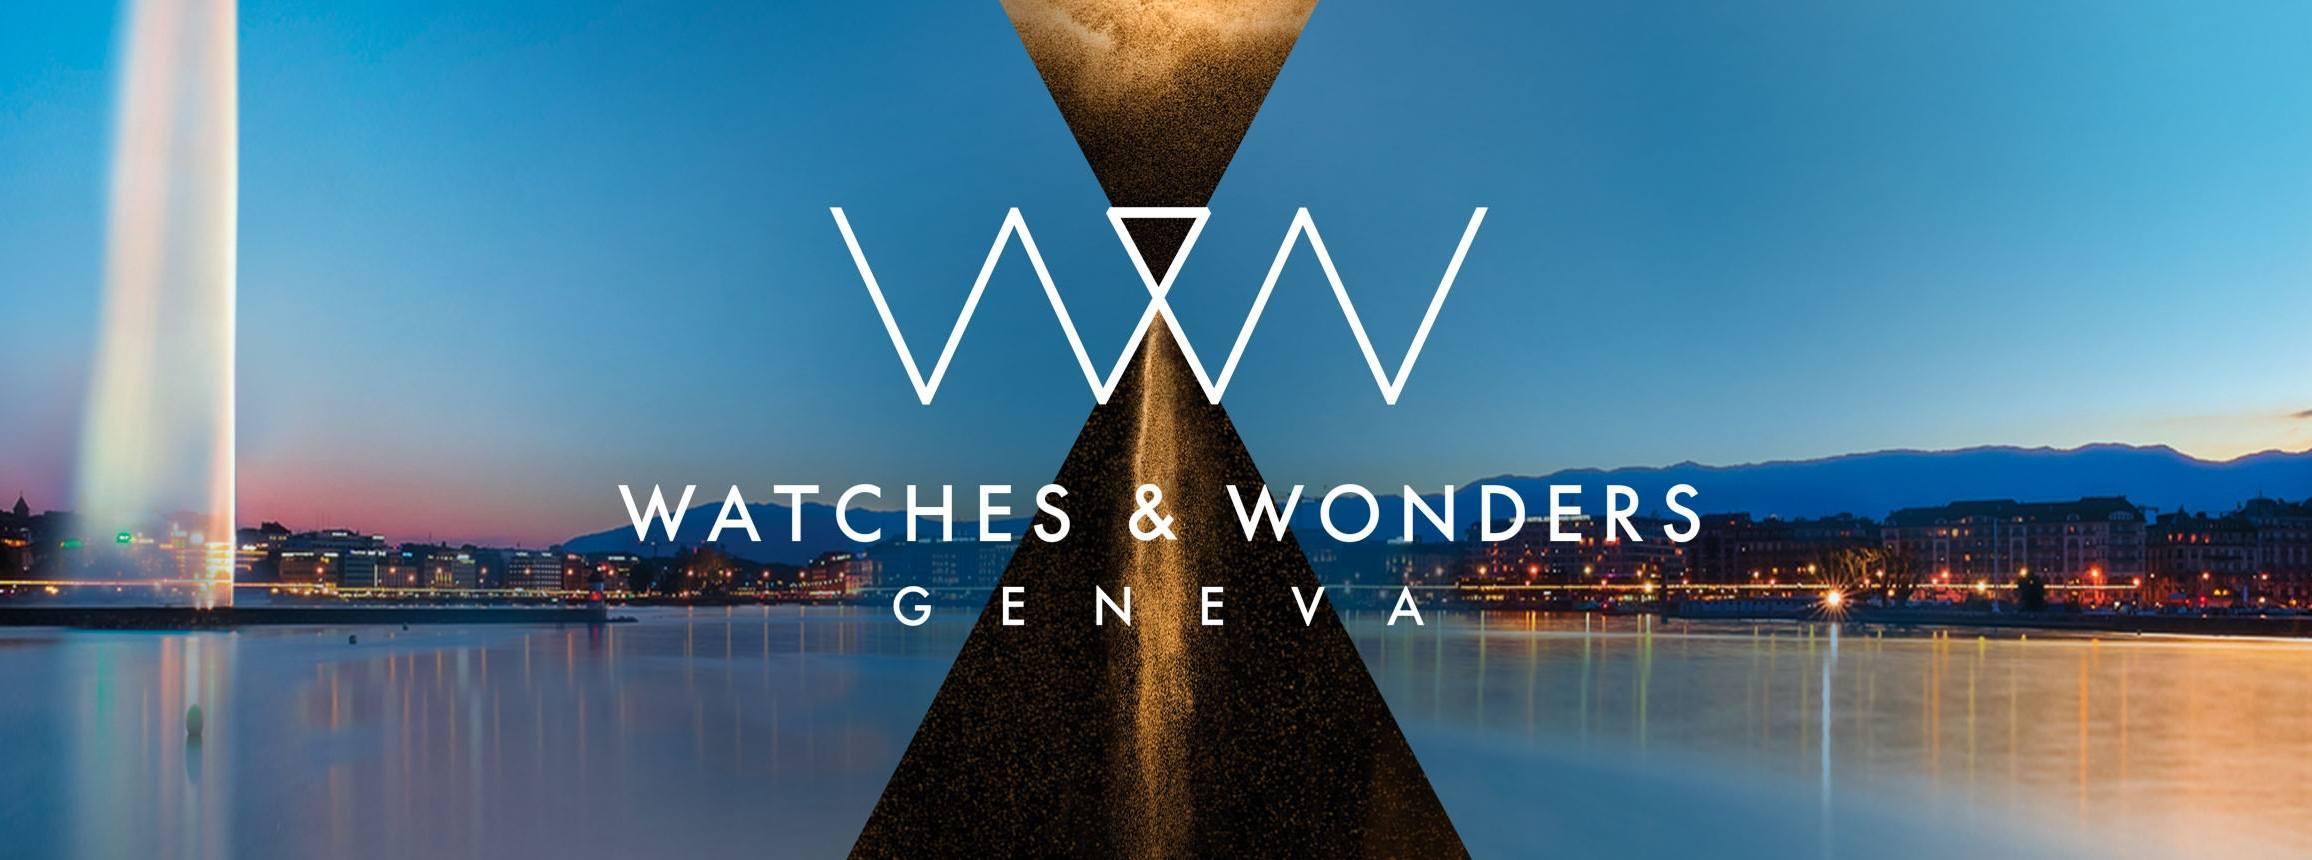 【重大新聞】2020年日內瓦「鐘錶與奇蹟」高級鐘錶展(Watches & Wonders Geneva)因新冠肺炎疫情取消